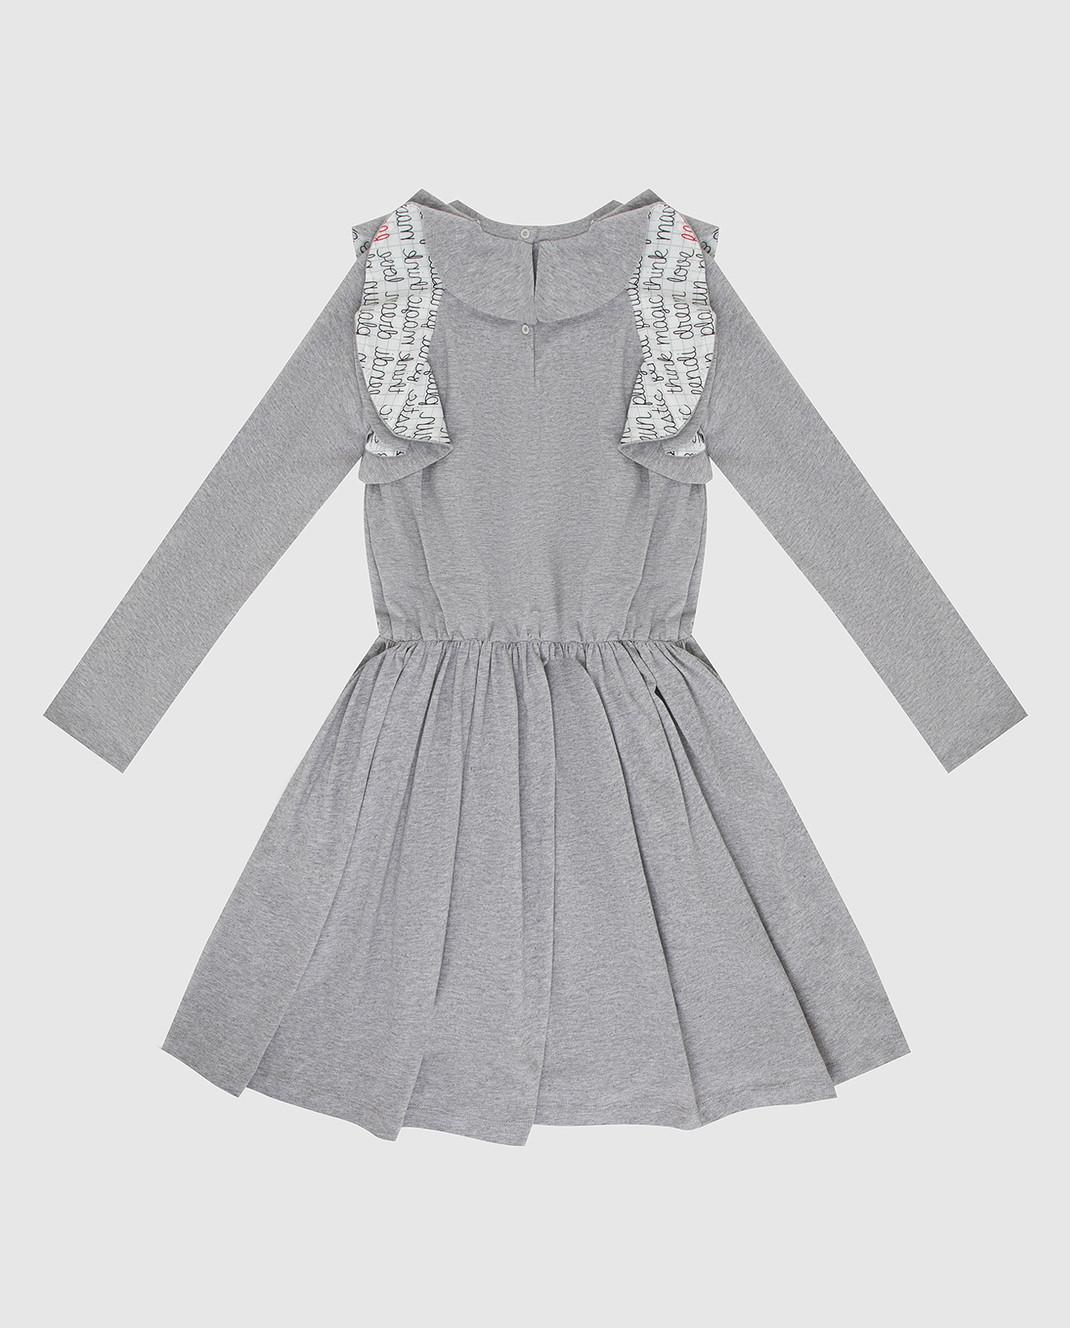 Fendi Детское серое платье JFB19667 изображение 2